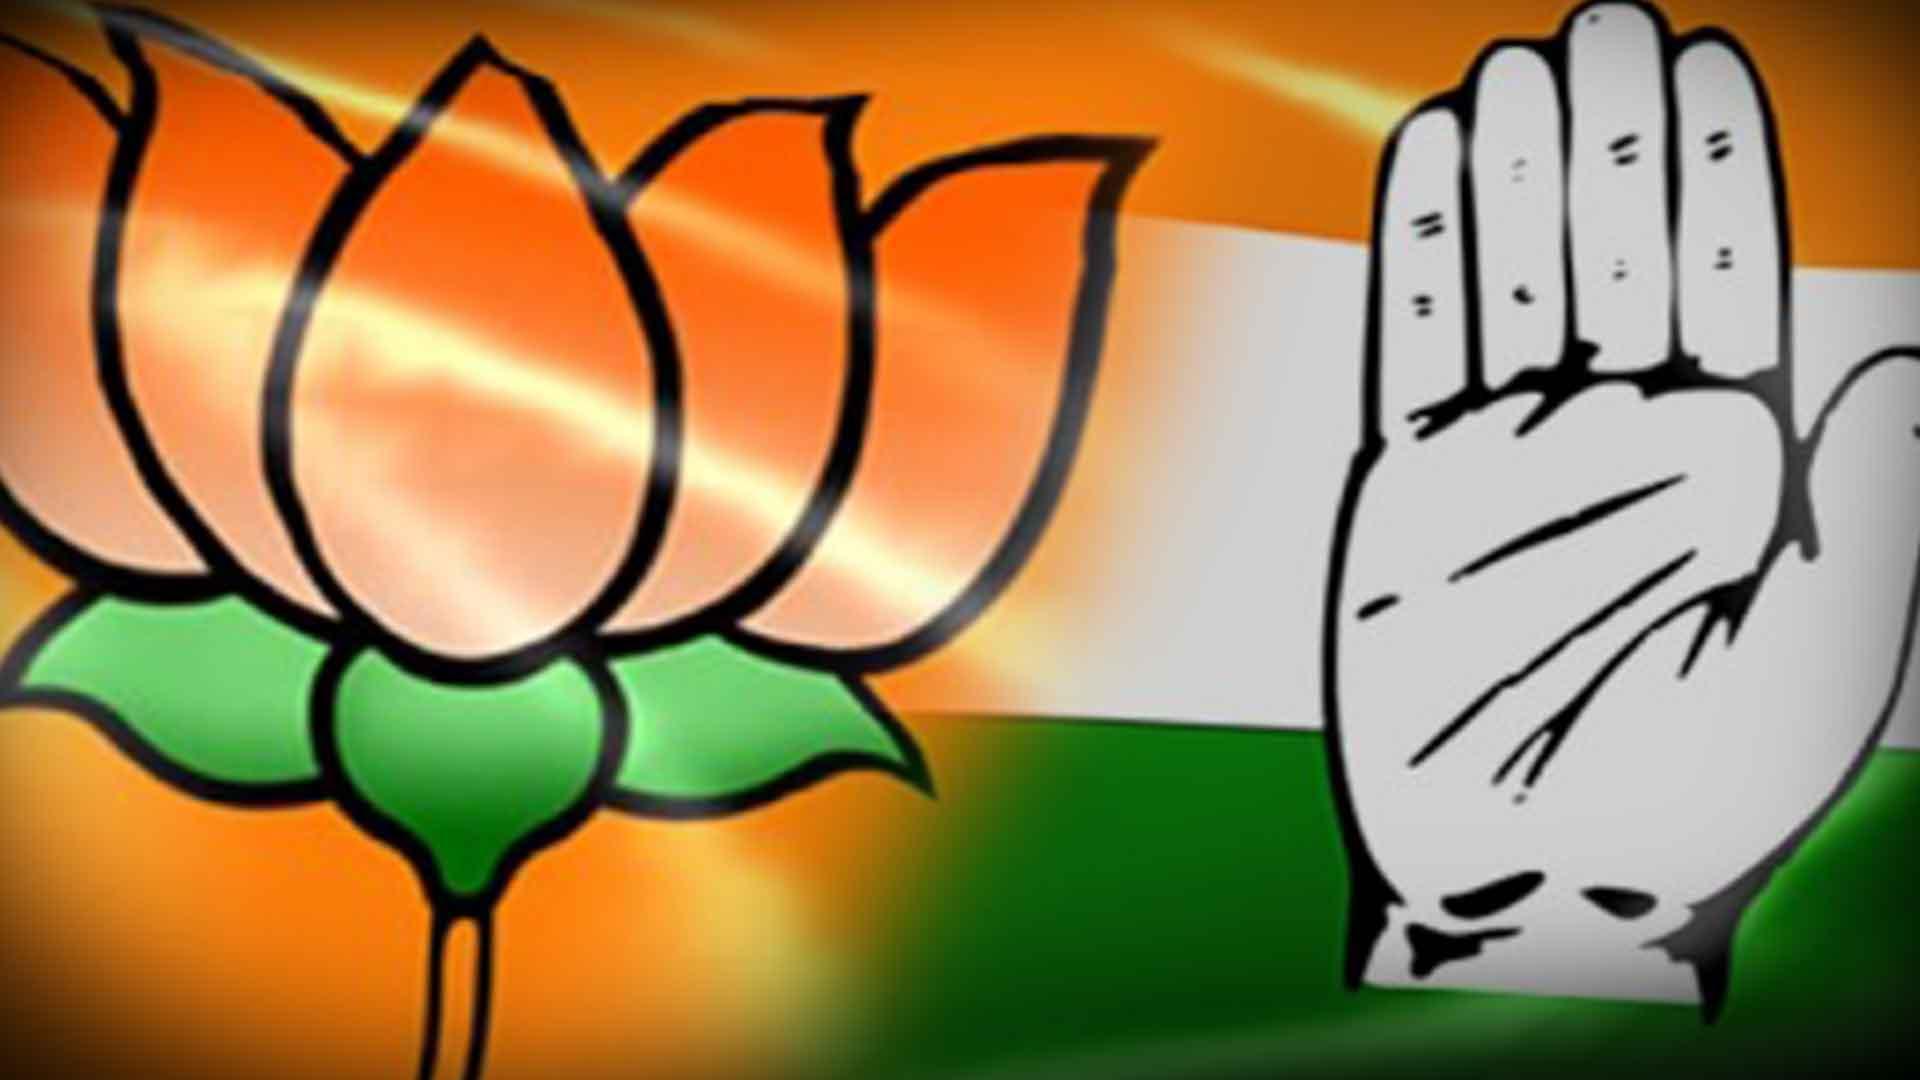 प्रतिद्वंदियों ने बाहरी का मुद्दा भुनाया तो भाजपा से जिला प्रमुख के दावेदारों को मिली करारी शिकस्त, कांग्रेस को भी उठाना पड़ा खामियाजा|दौसा,Dausa - Dainik Bhaskar